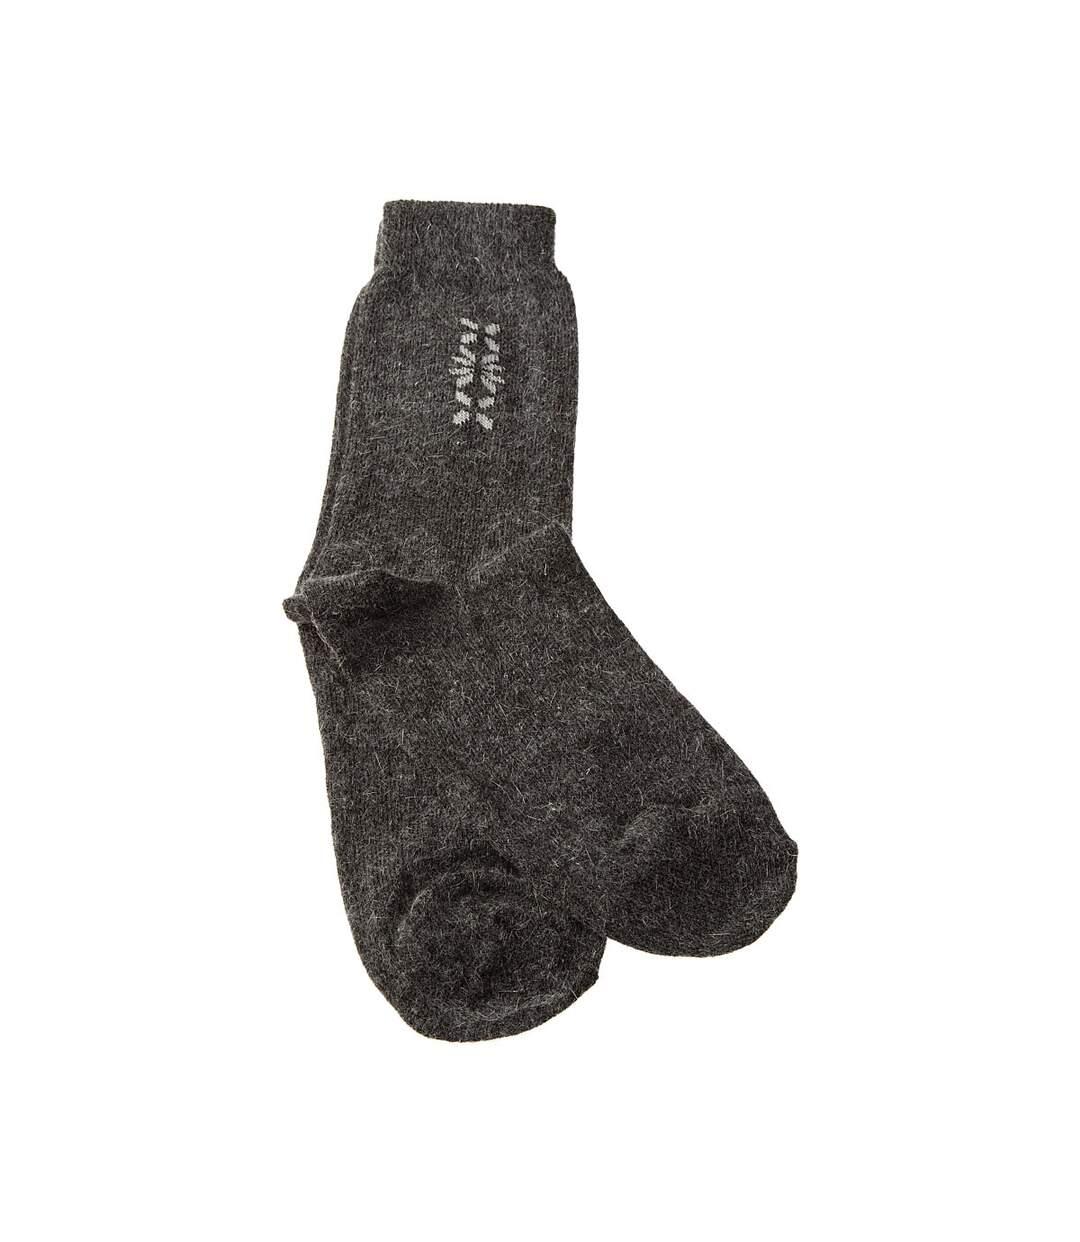 Dégagement Chaussette Mi-Hautes 1 paire Sans bouclette Chaude Viscose Gris foncé Men\'s socks dsf.d455nksdKLFHG